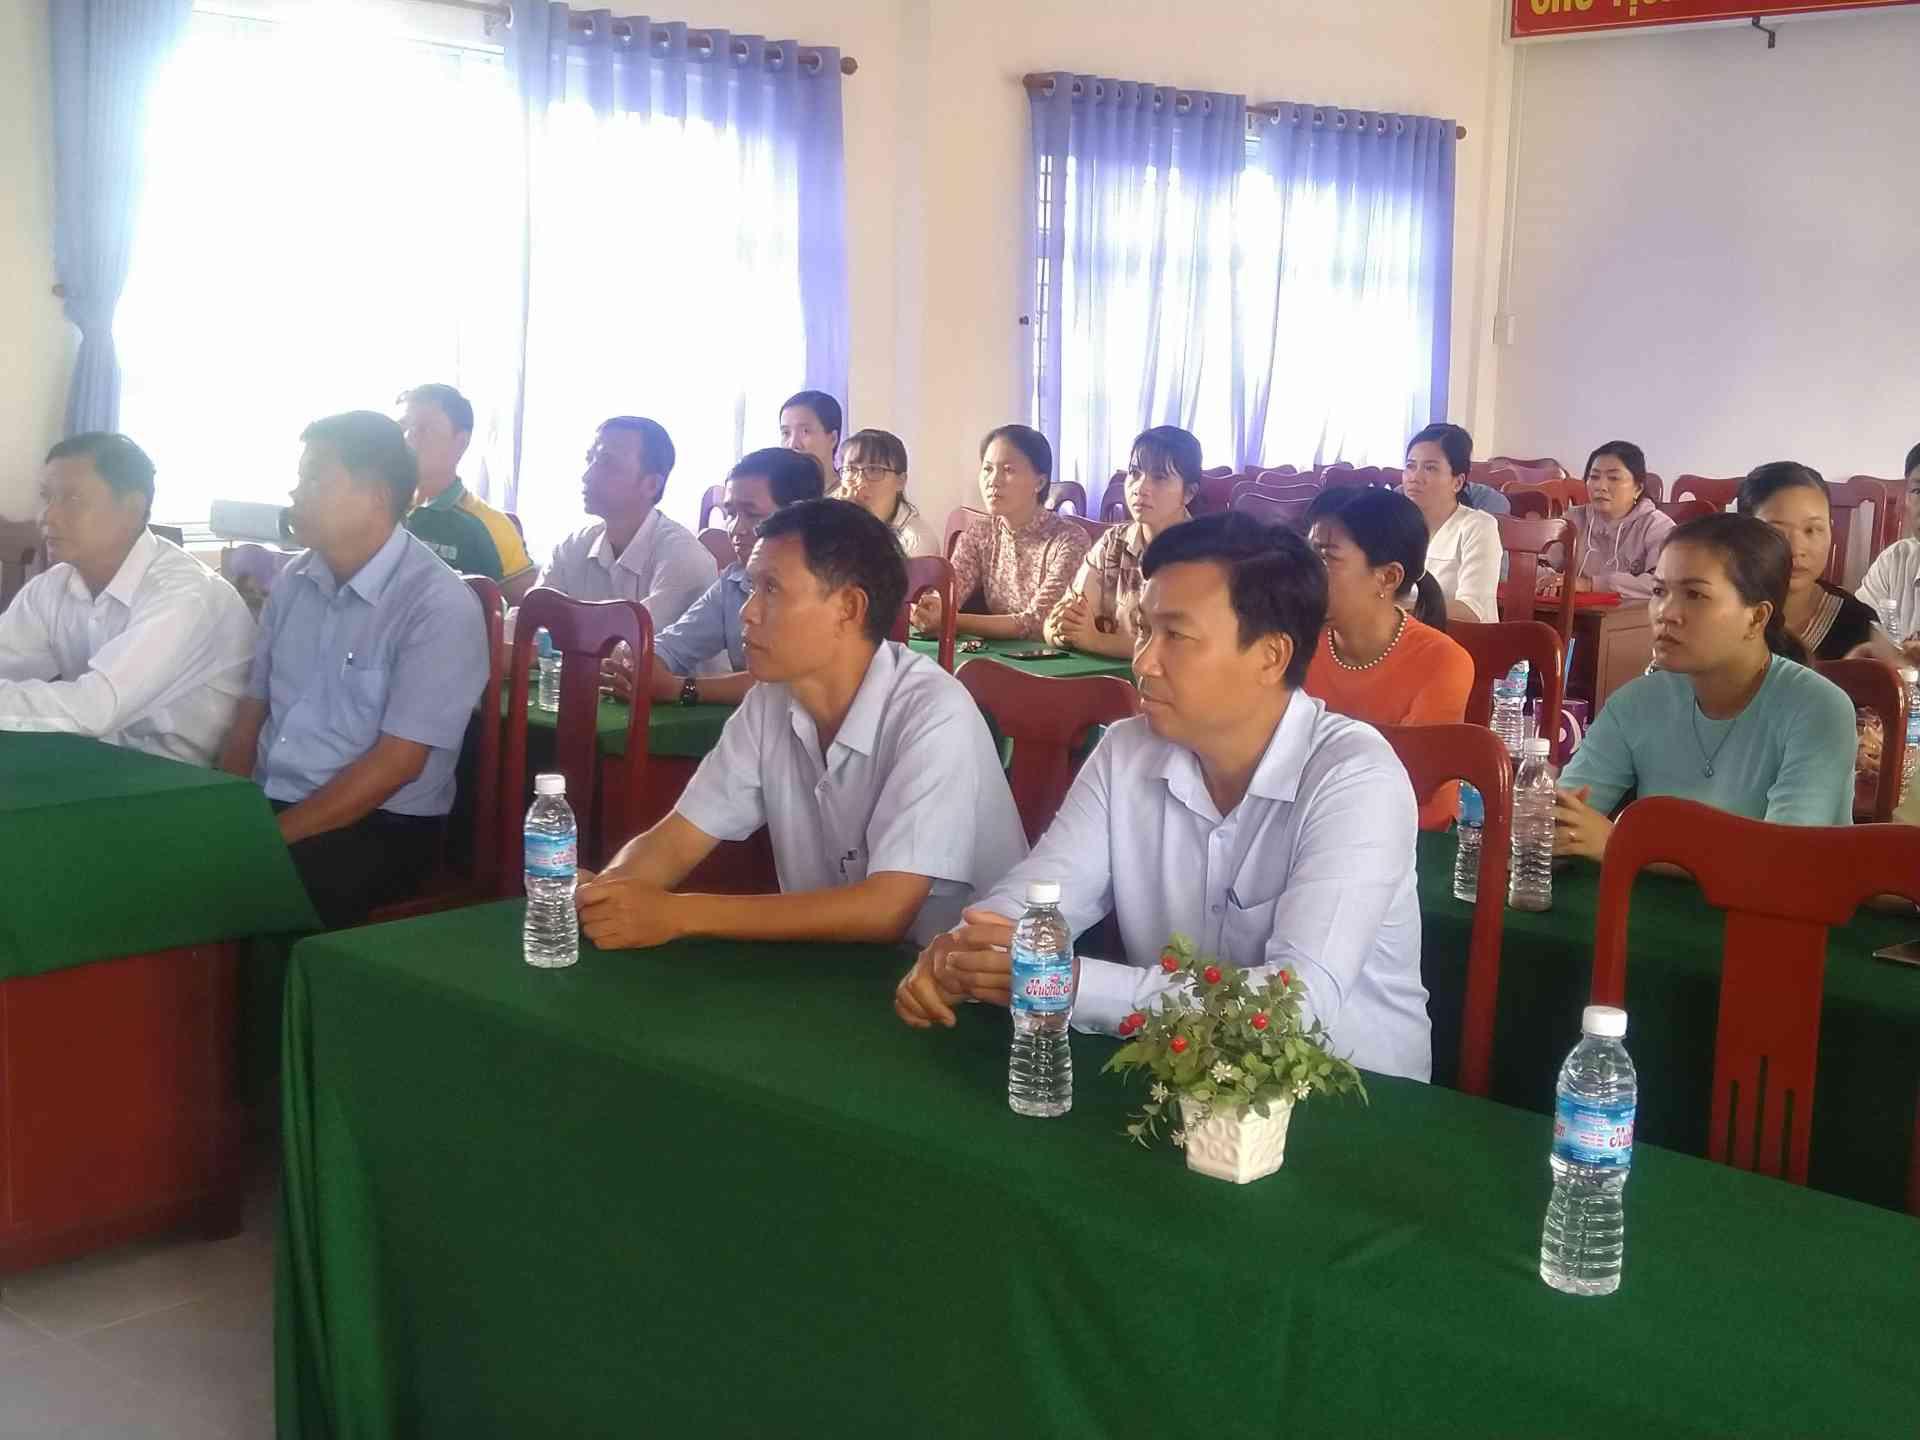 Đến dự buổi lễ có lãnh đạo phòng ,lãnh đạo địa phương và cán bộ quản lý , nhân viên, giáo viên của trường tiểu học Thạnh Lợi 1.